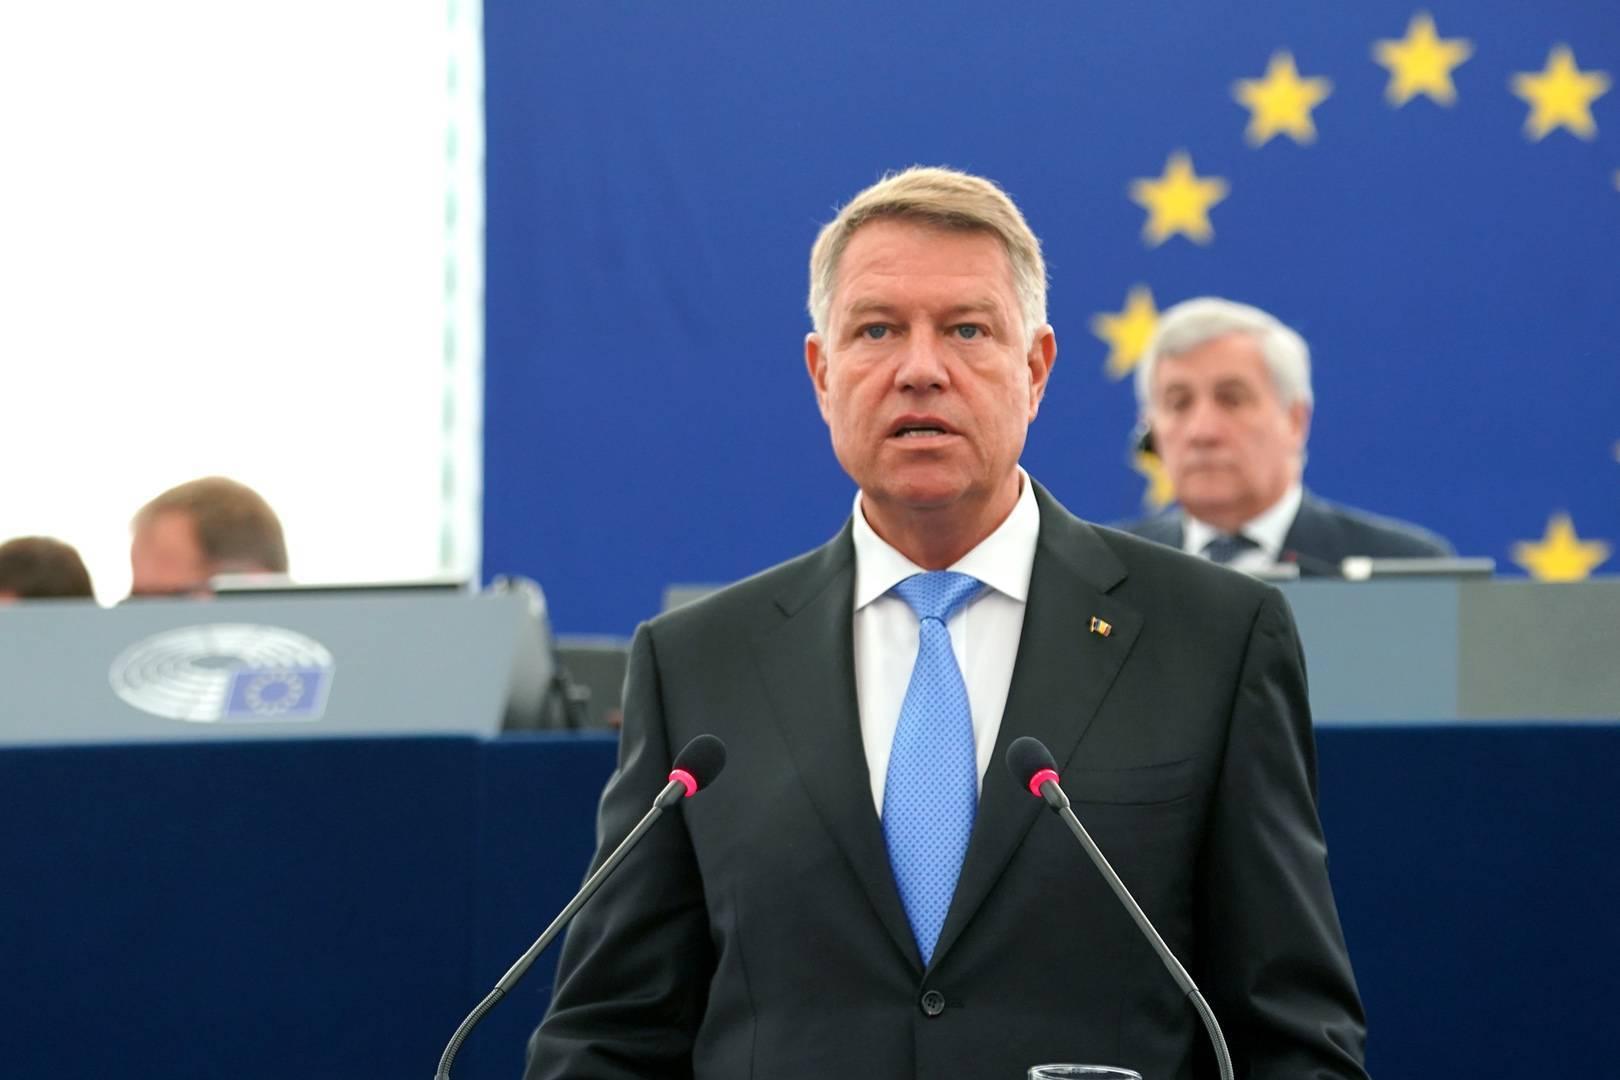 Chiar acum! Președintele Klaus Iohannis face primele declarații, după demiterea Guvernului